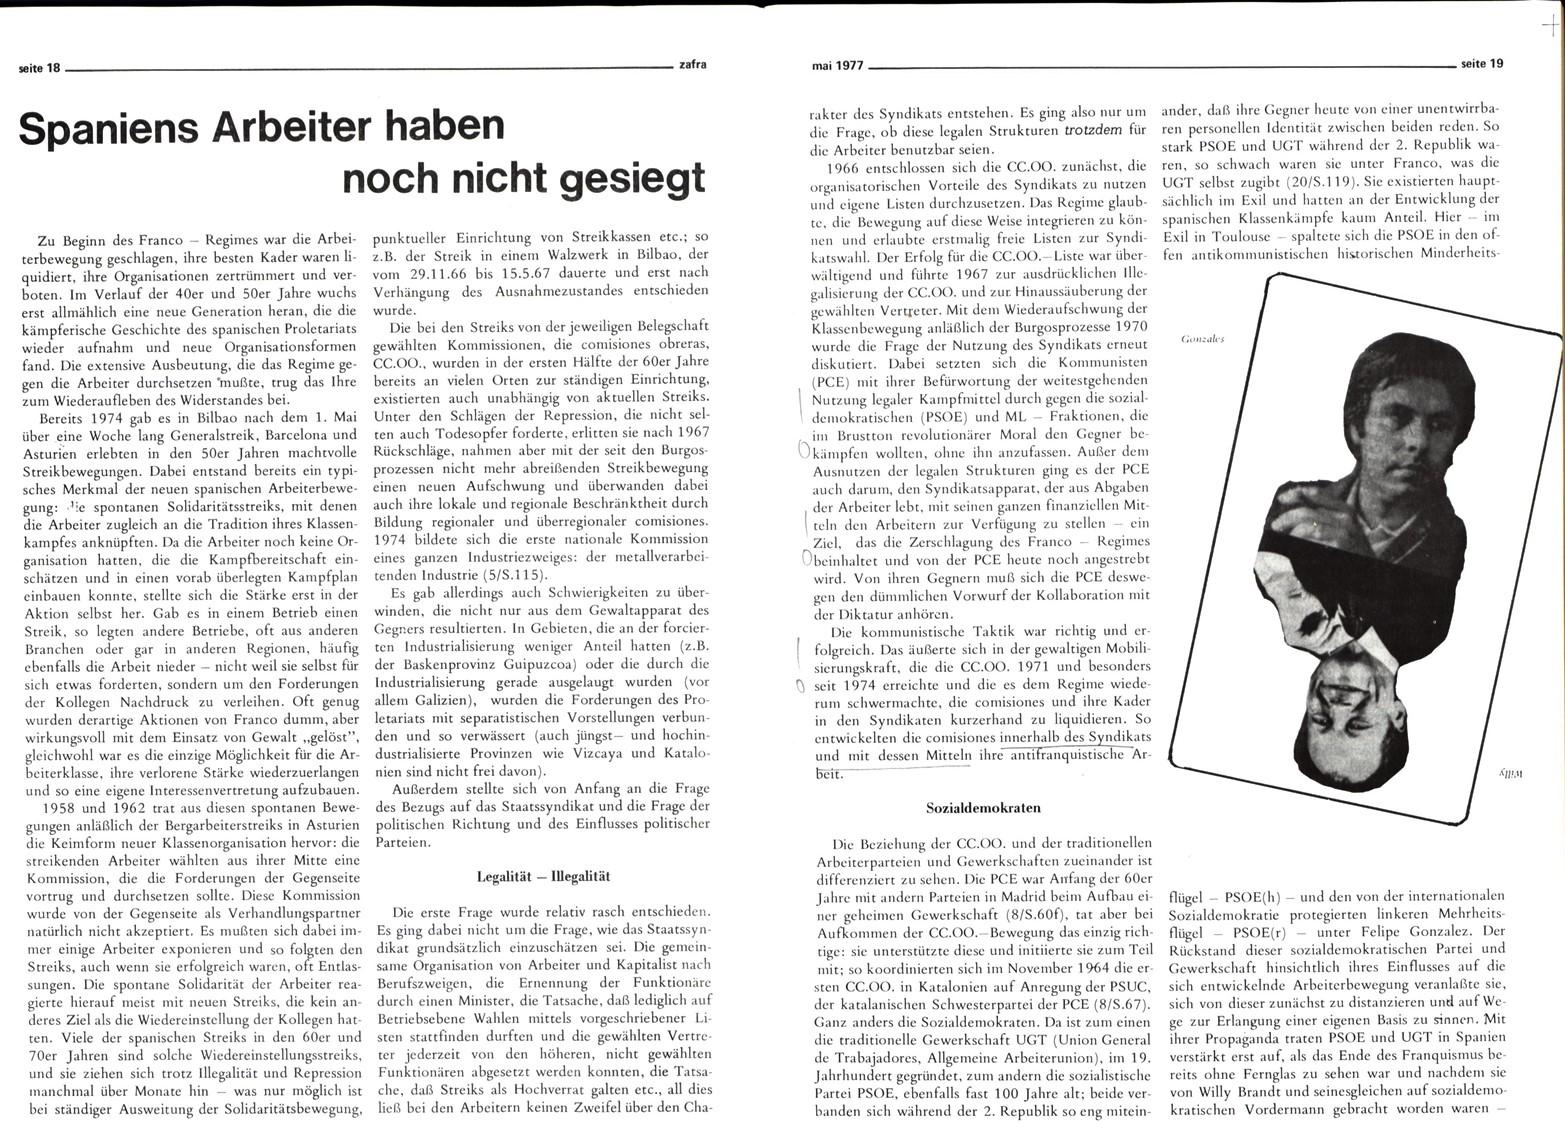 Bonn_ZAFRA_04_19770600_10